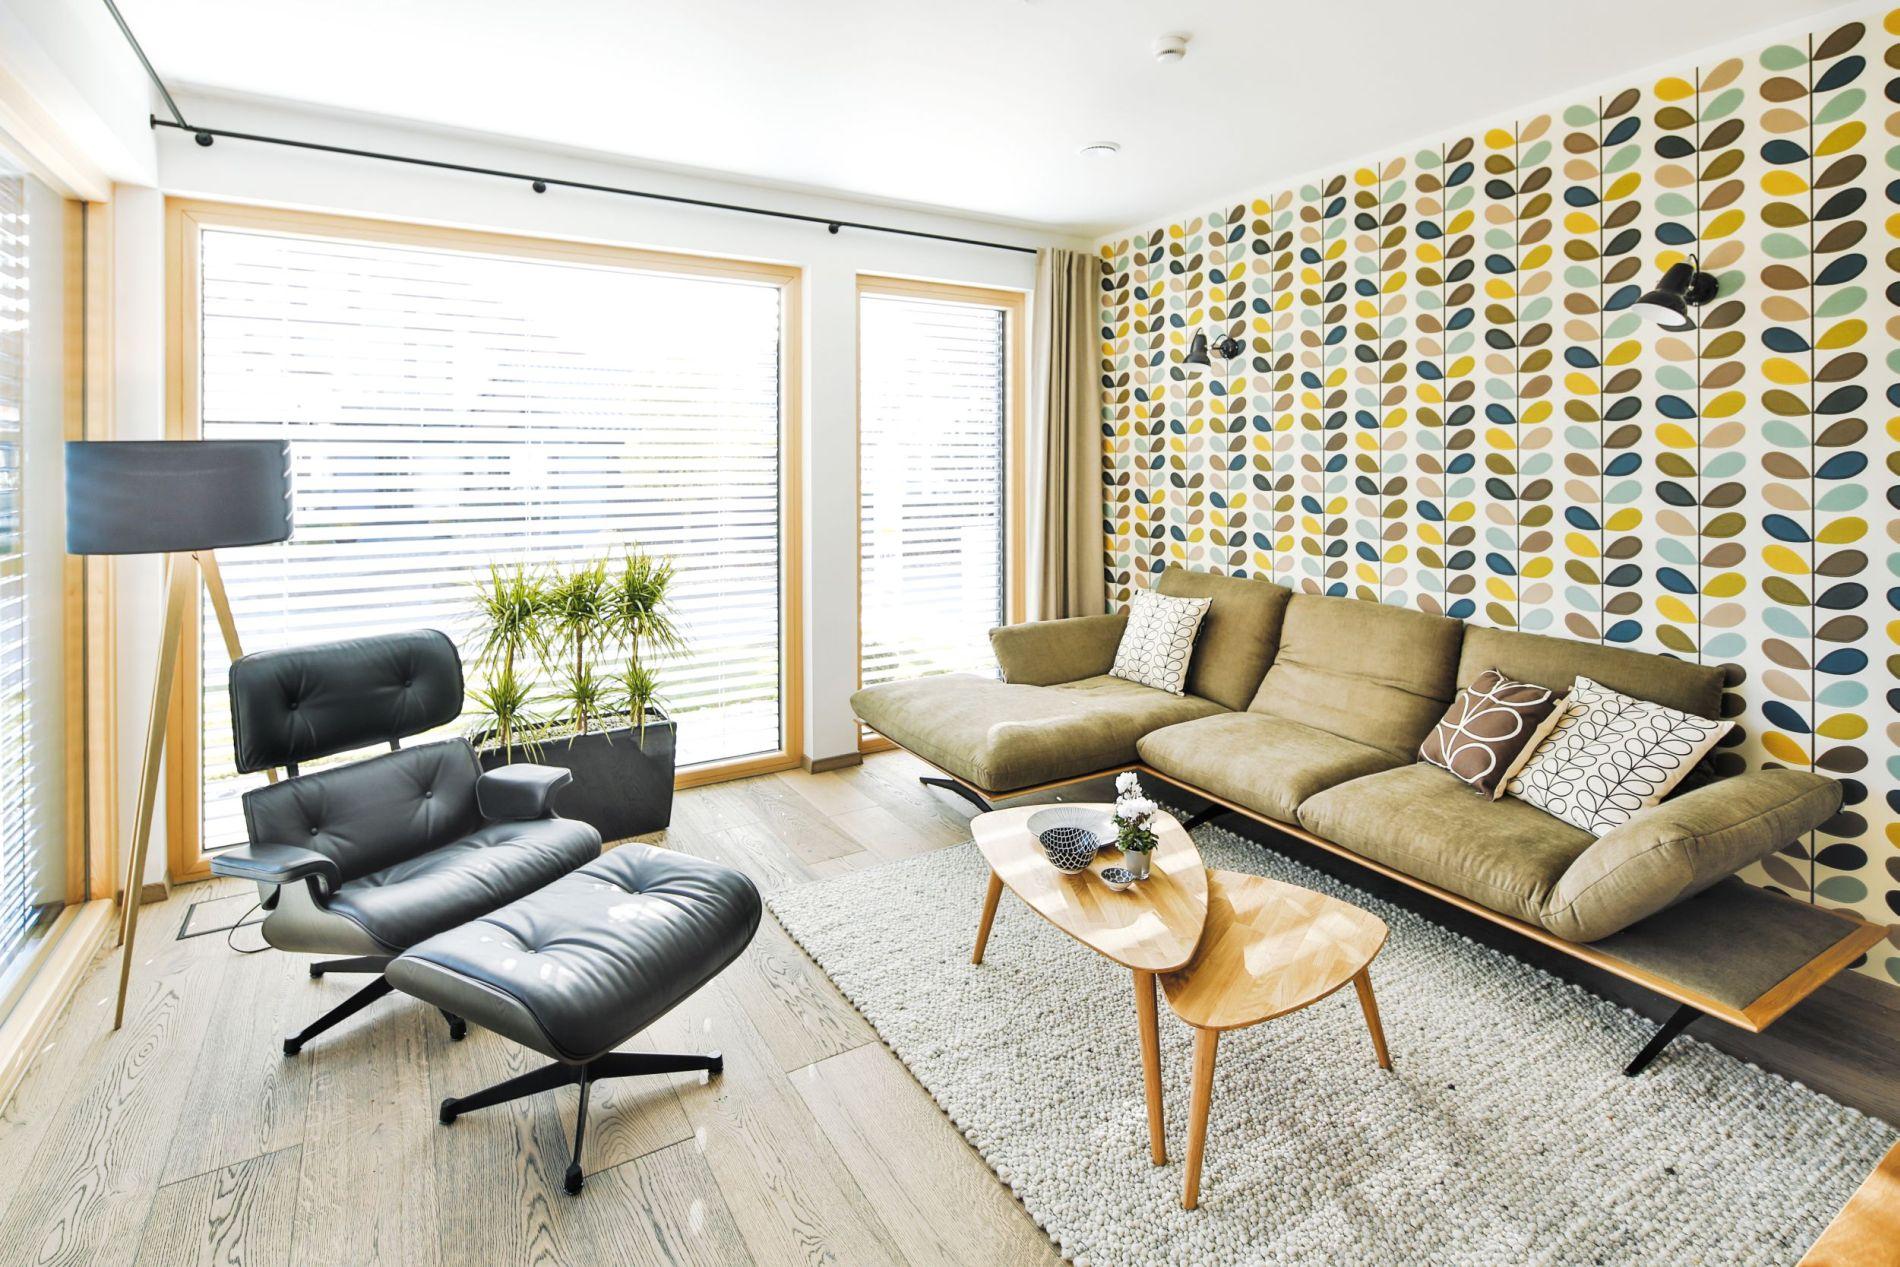 Im Wohnraum laden ein stylisches Sofa aus der neuen Dieter-Knoll-Kollektion sowie ein Eames Lounge Chair vor der modernen Retrotapete zu abendlichen Plausch-, Lese- oder Medienrunden ein.